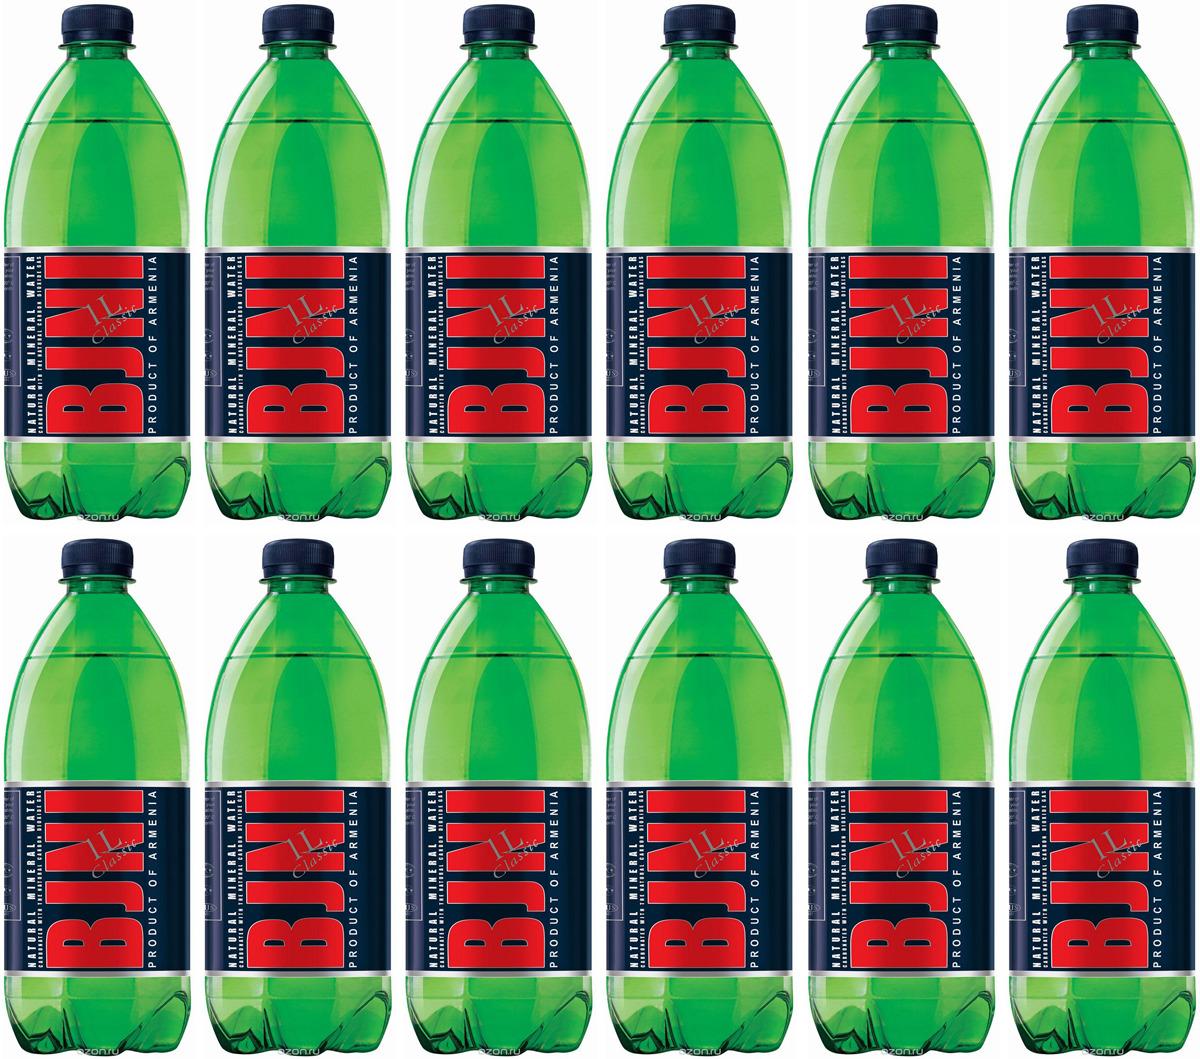 Вода минеральная газированная Бжни, 12 шт по 1 л